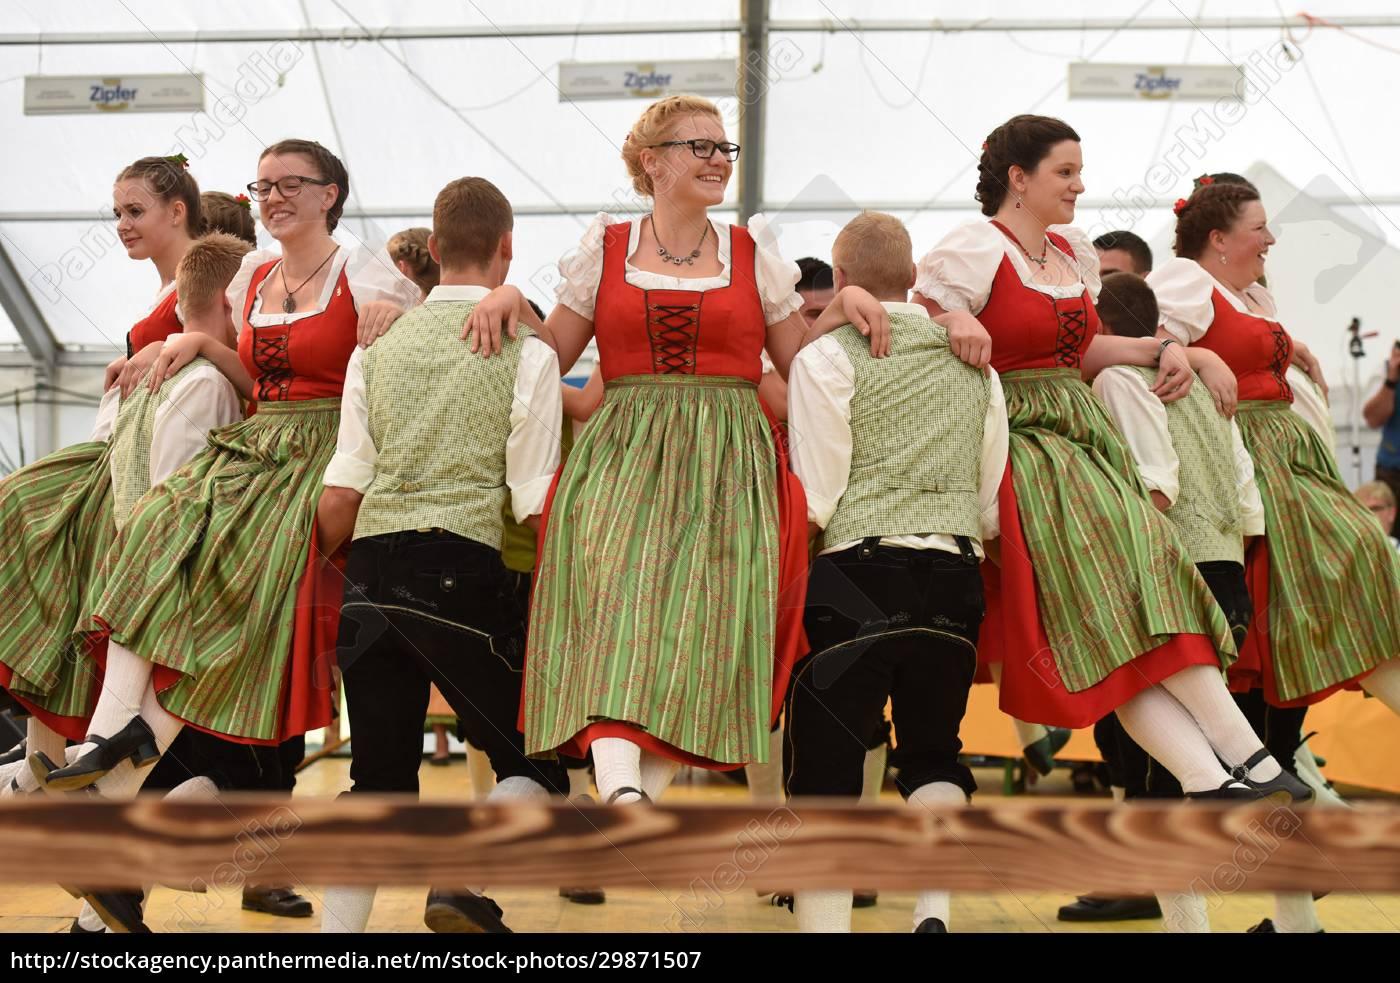 Öffentliche, aufführung, traditioneller, österreichischer, volkstänze, beim - 29871507